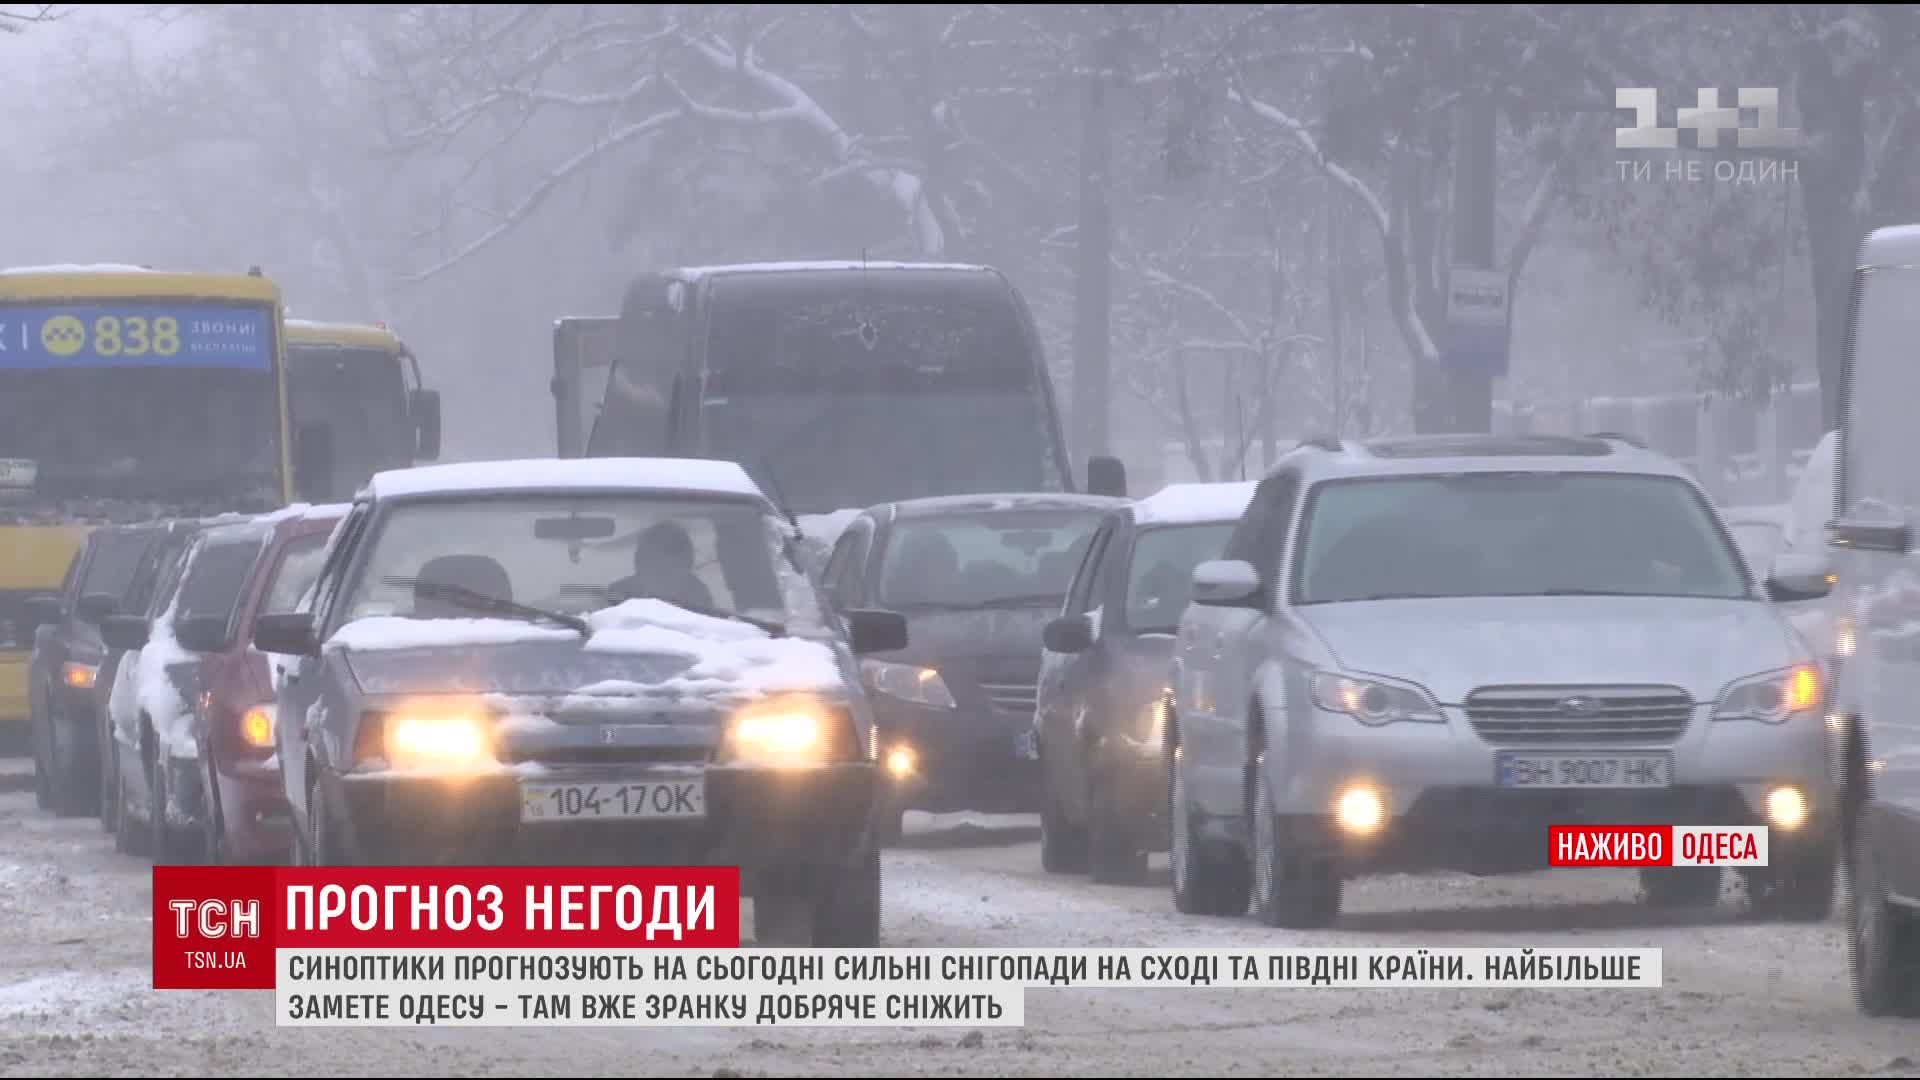 В Одесі снігопад паралізував рух на дорогах / кадр з відео ТСН